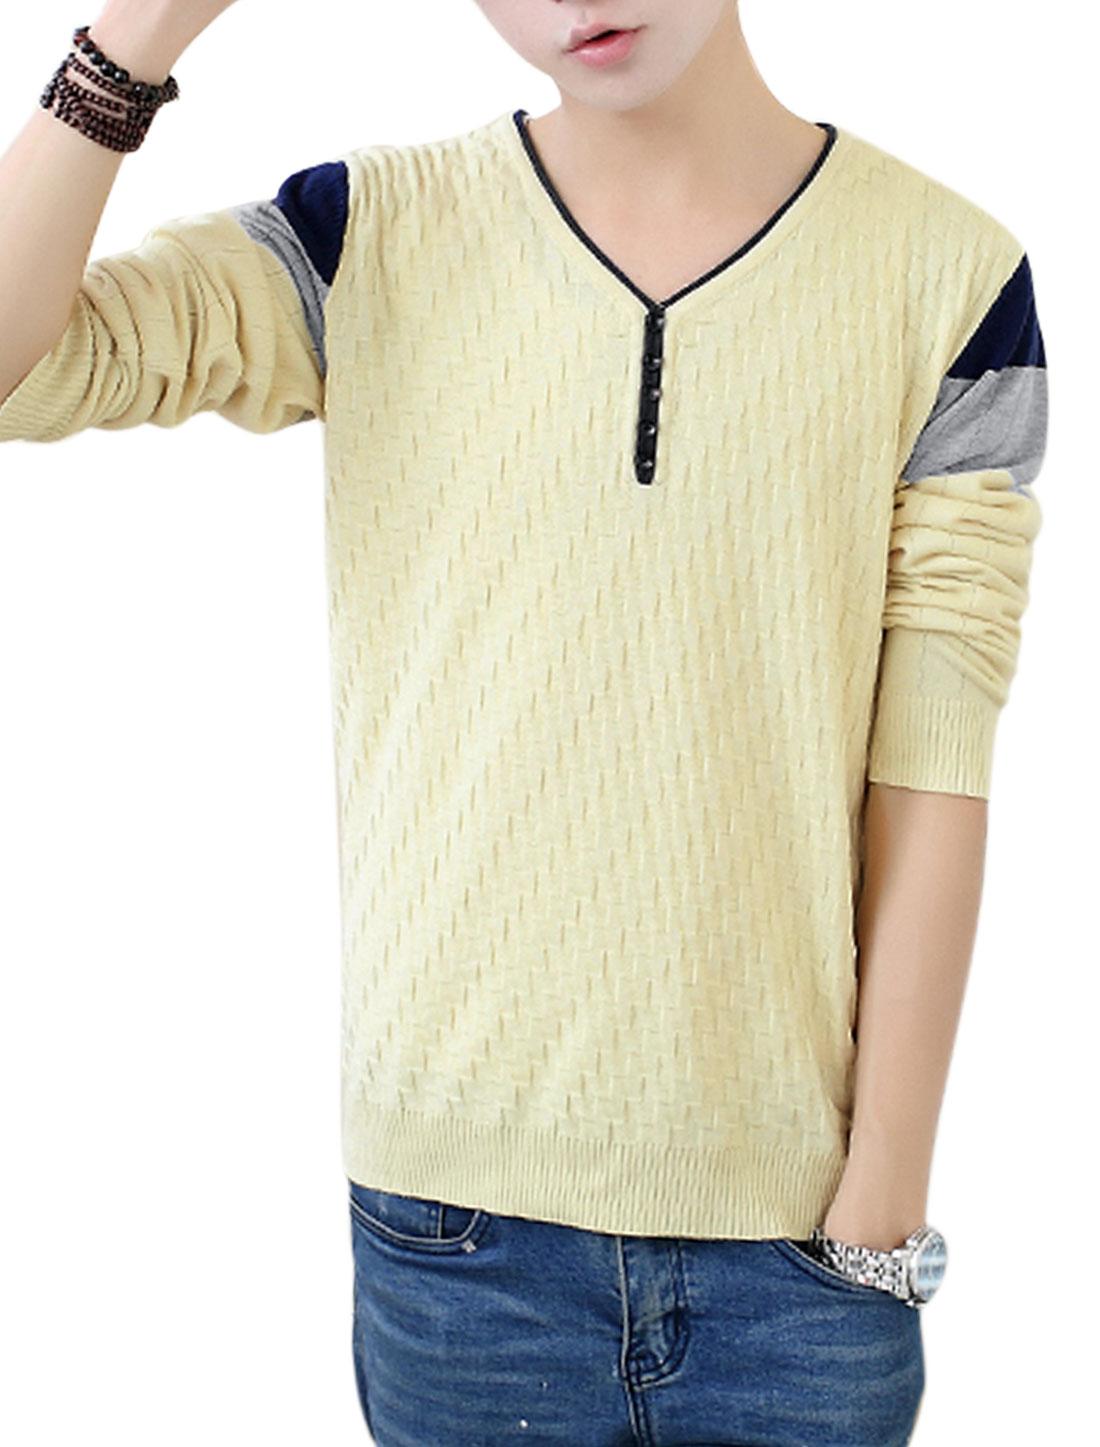 Men Beige Slipover Weaven Pattern Button Decor Slim Fit Casual Knit Shirt S